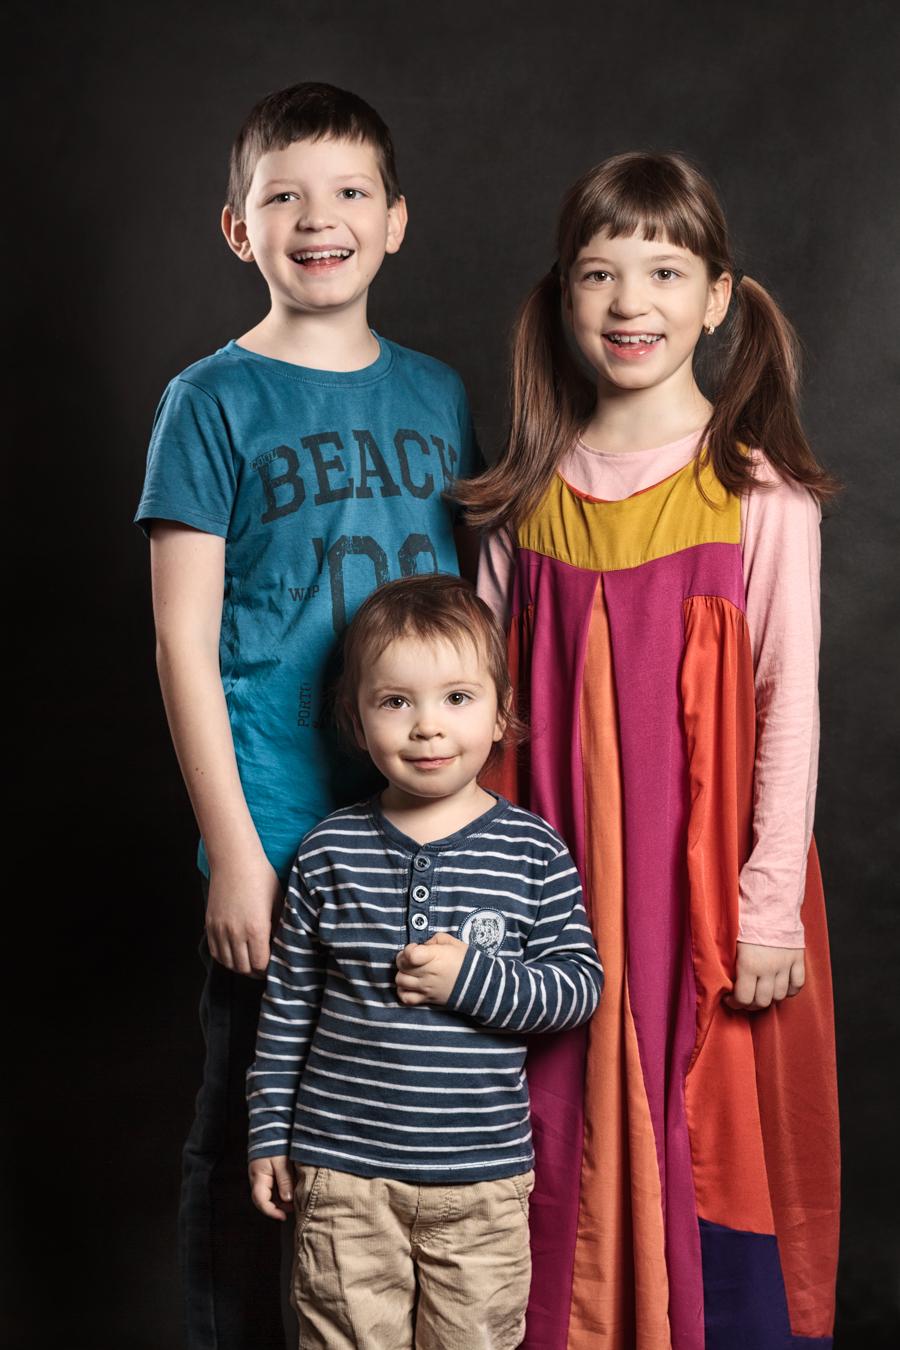 Jan Zeman profesionální portrétní fotograf Praha rodinný portrét